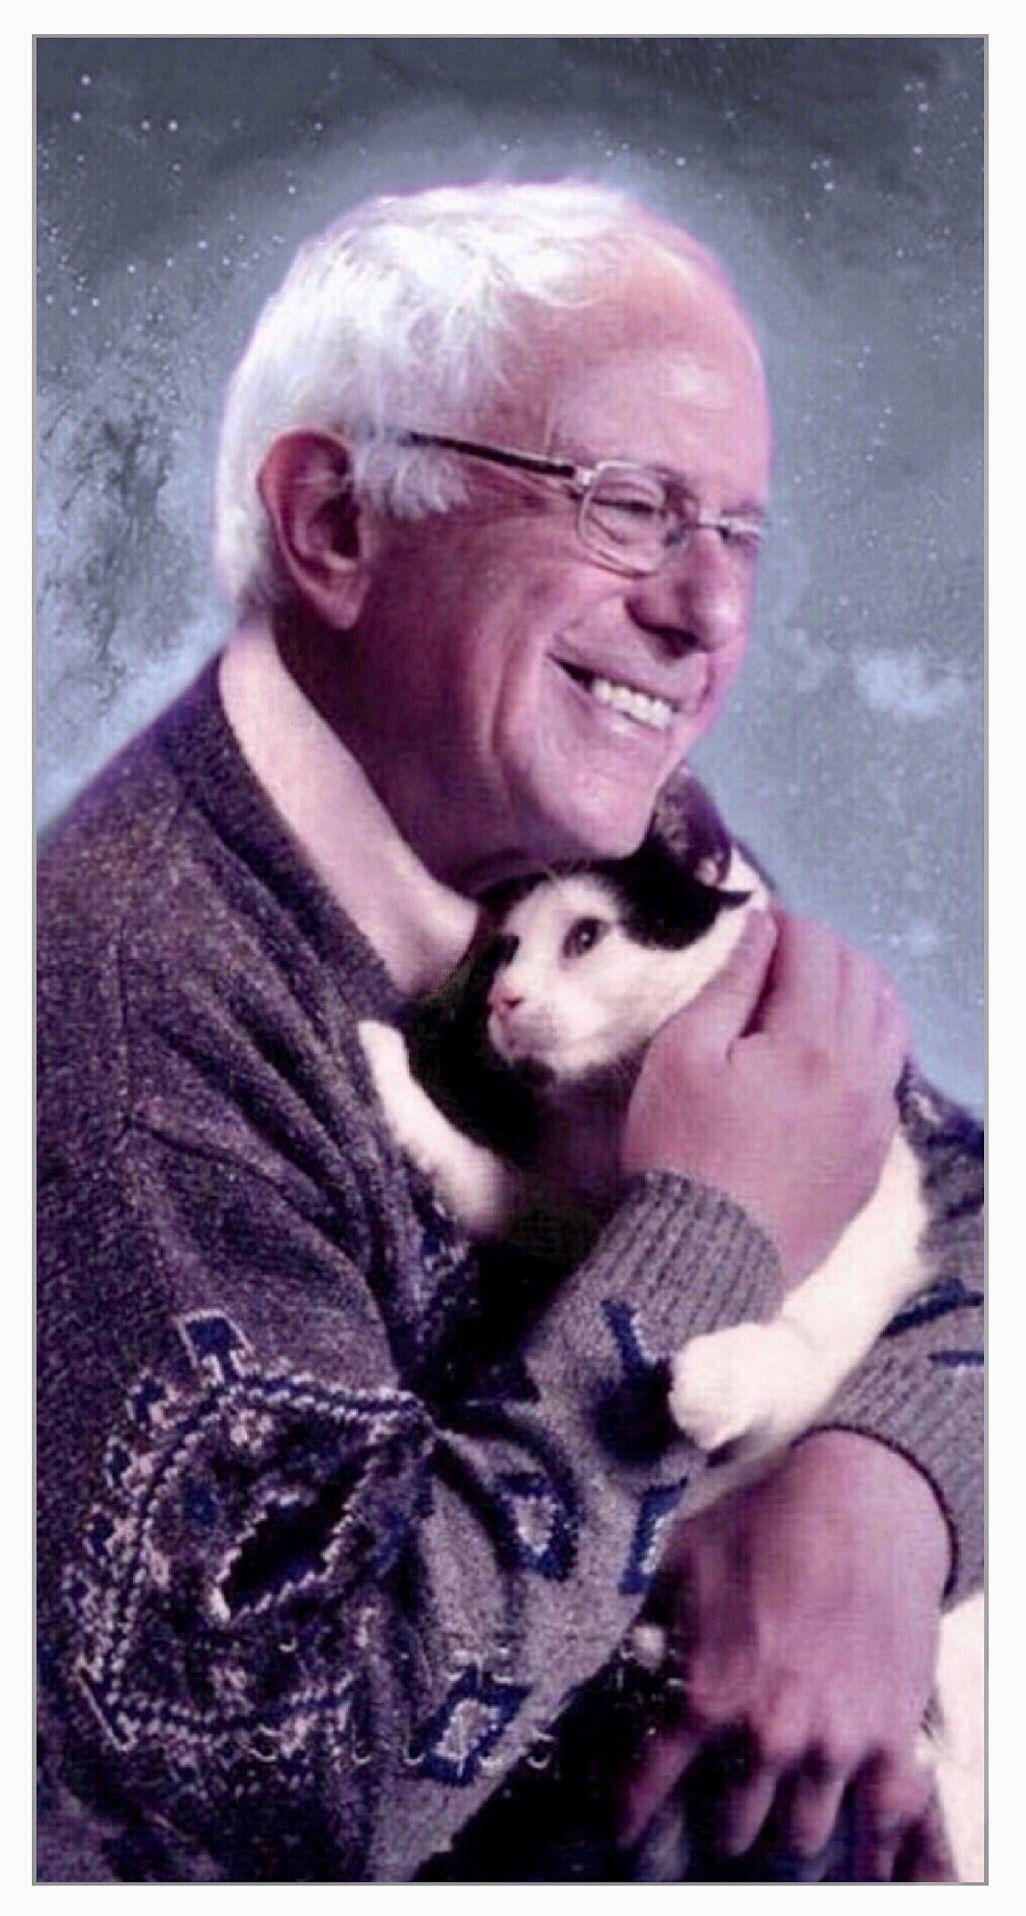 Bernie Sanders Men With Cats Cat People Cats